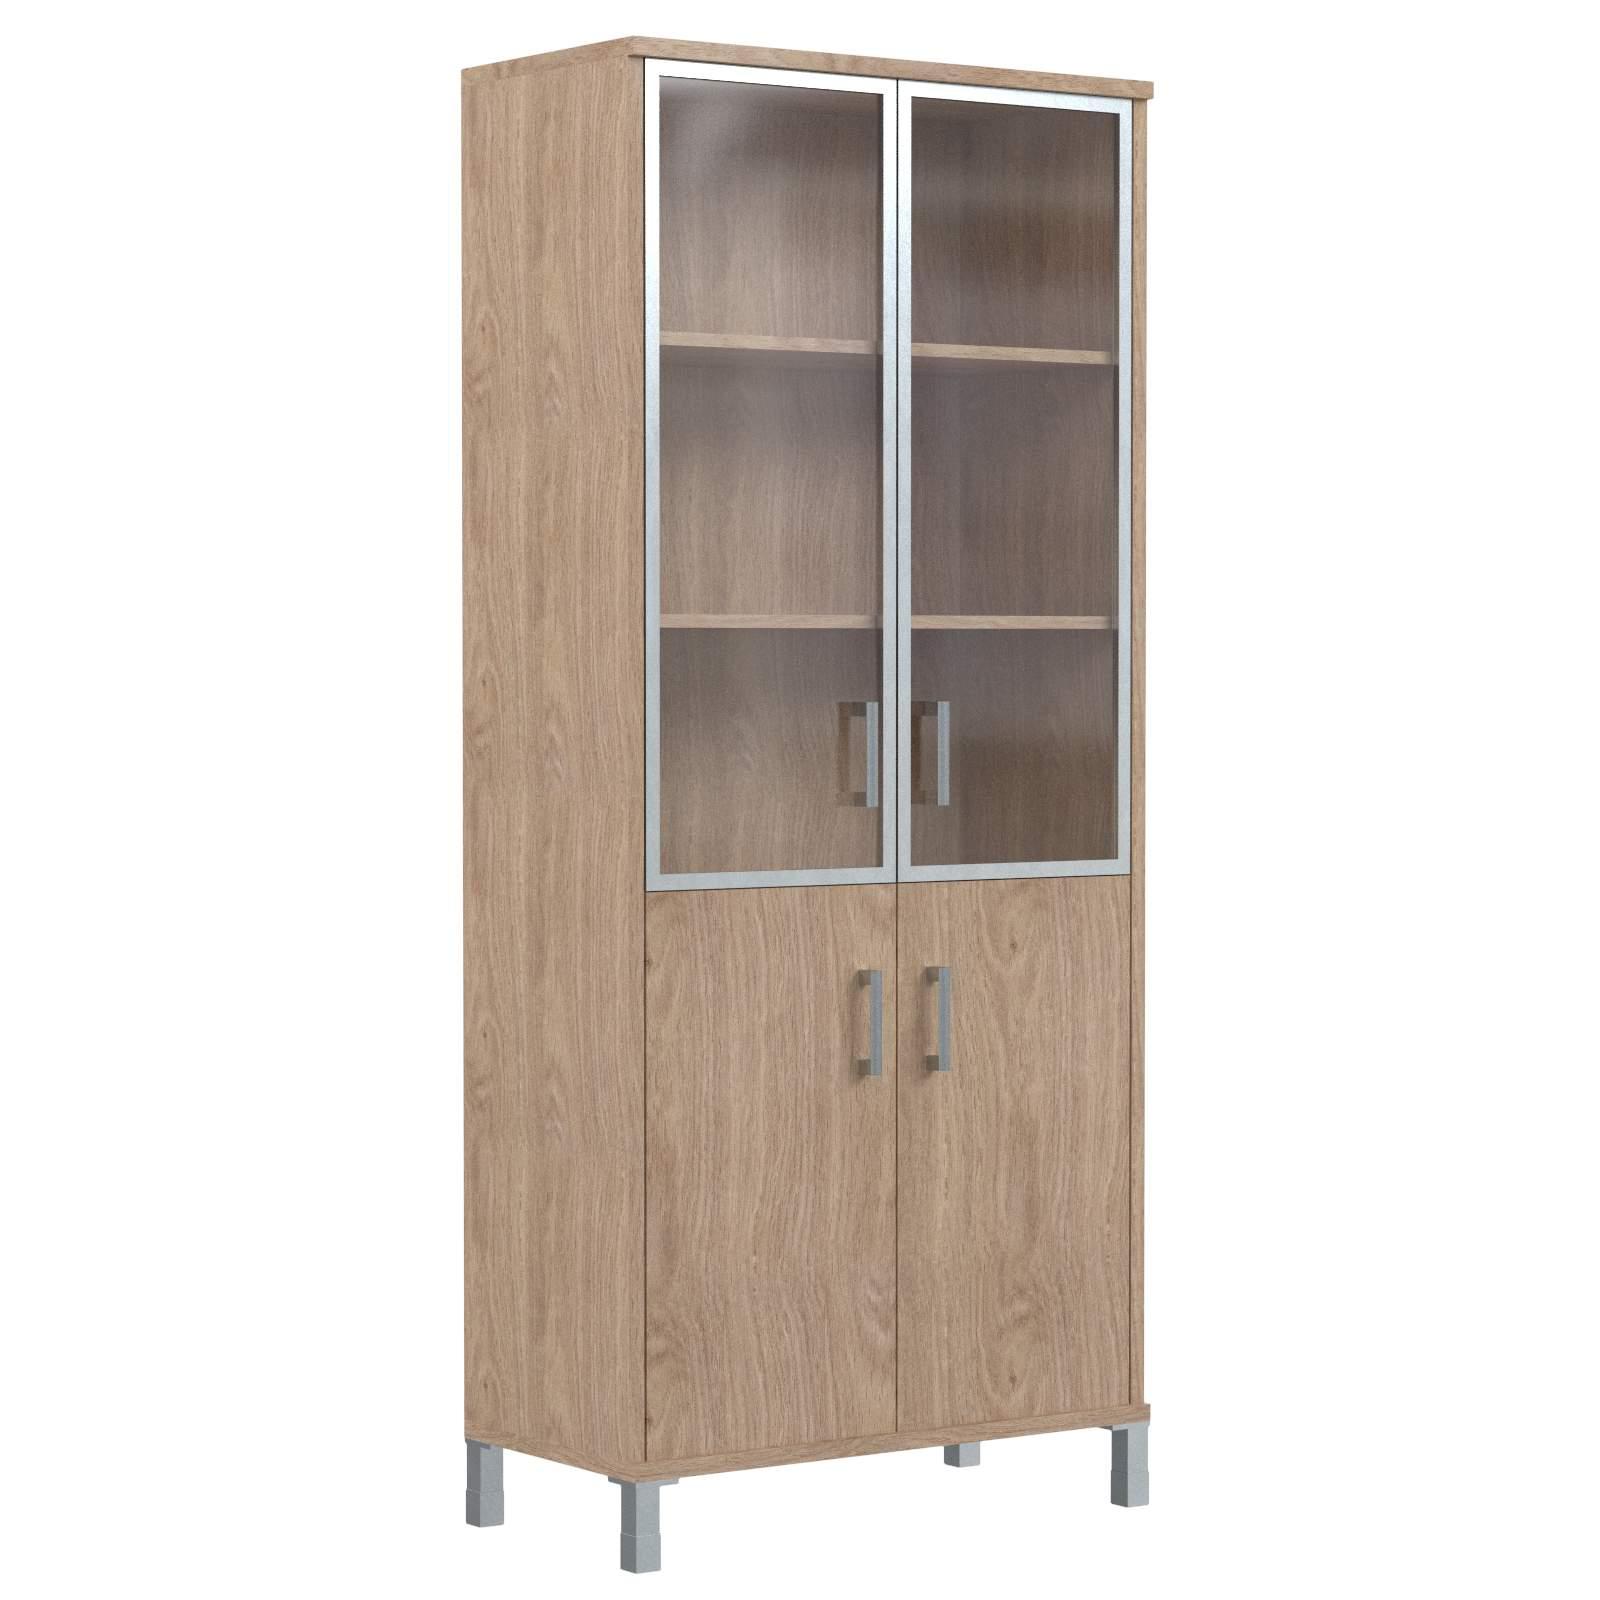 Шкаф комбинированный со стеклом в раме 900х435х2004